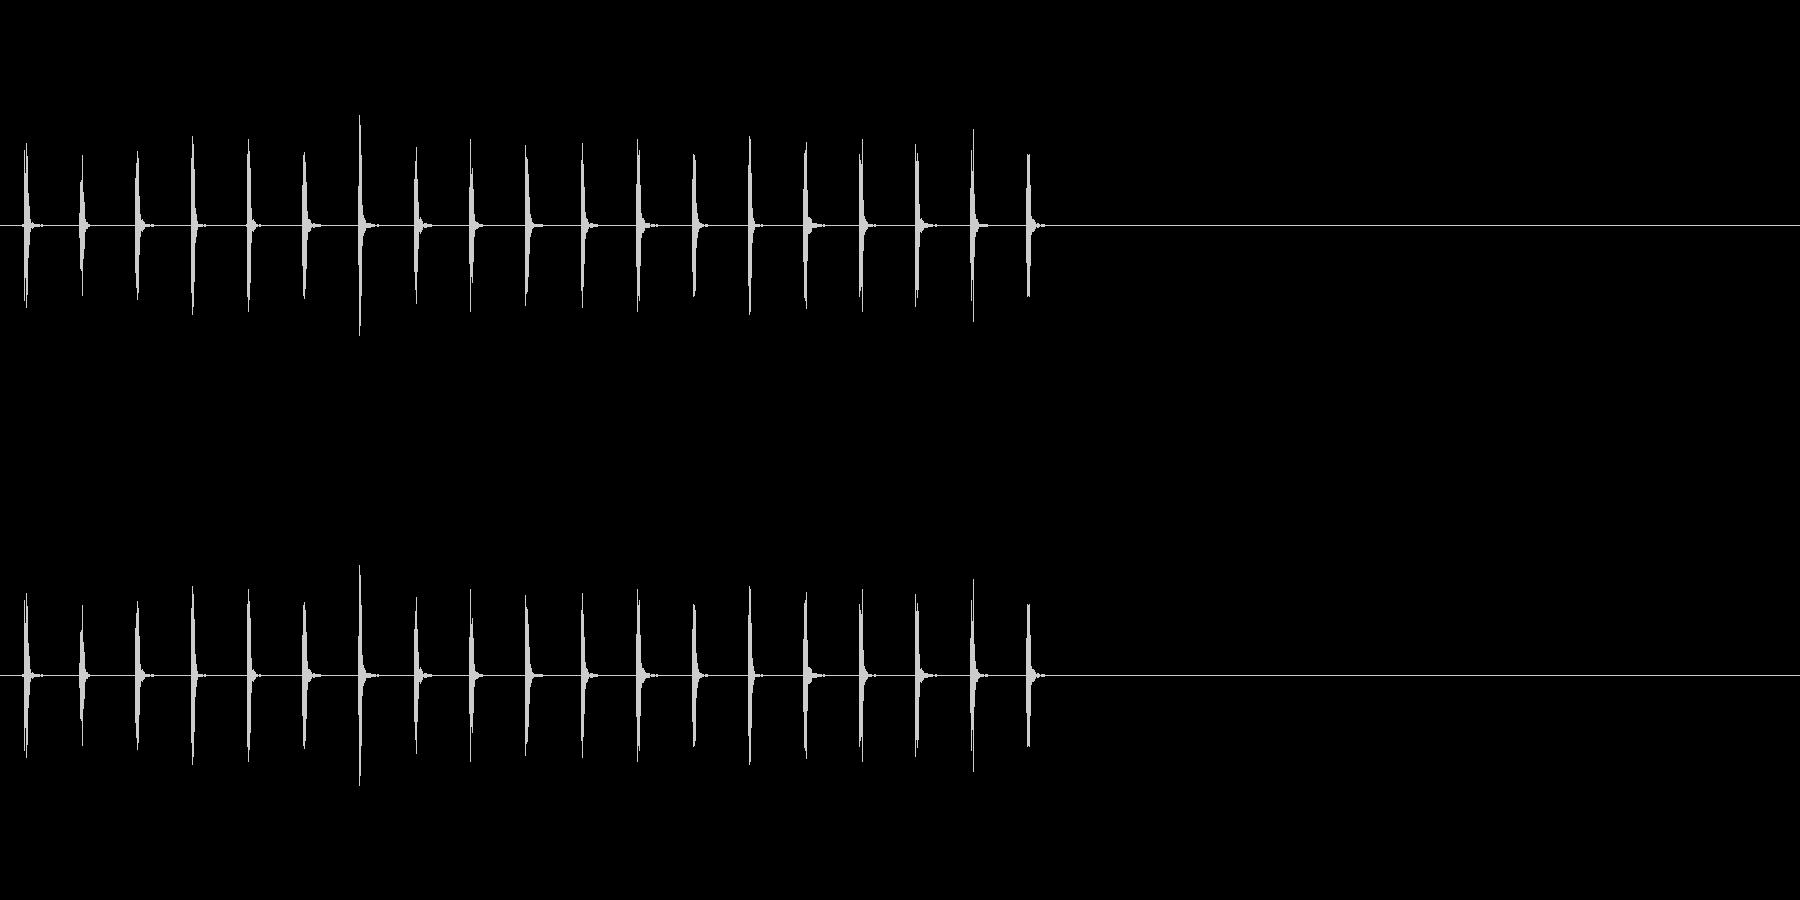 パラパラパラパラ(手駒を並べる音)の未再生の波形